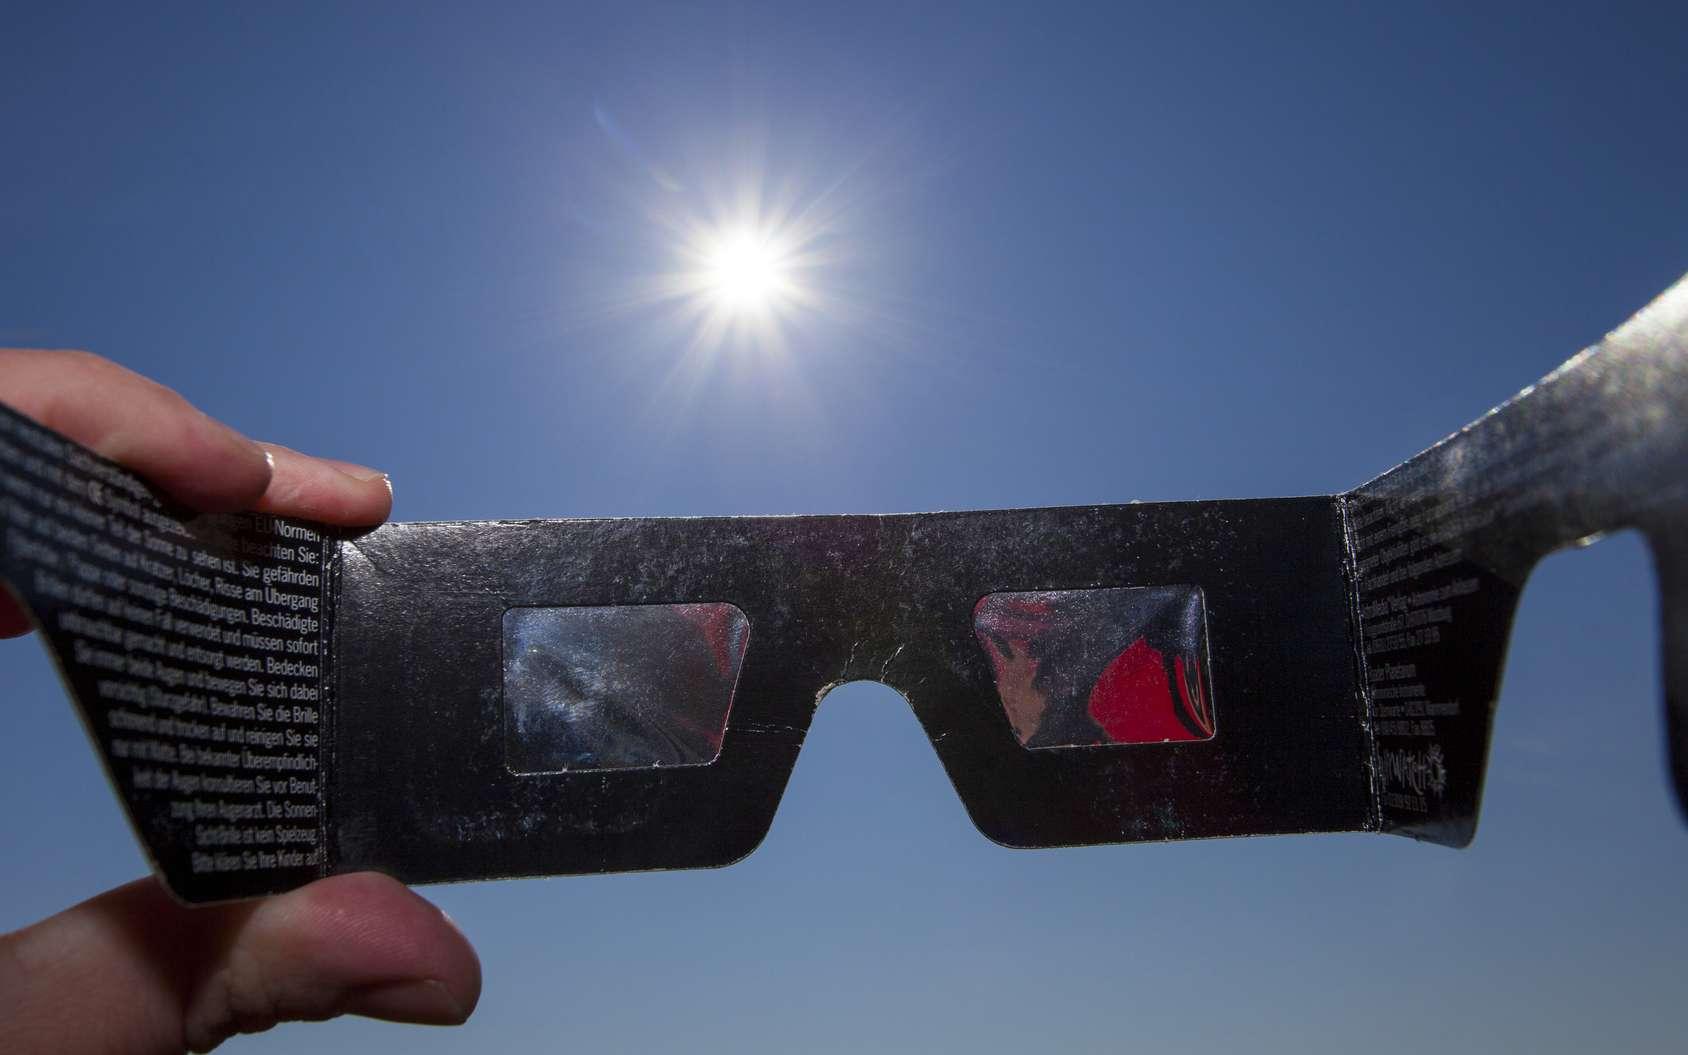 Rien de plus simple pour observer une éclipse de soleil : porter des lunettes spéciales de protection ! © A_Bruno, fotolia